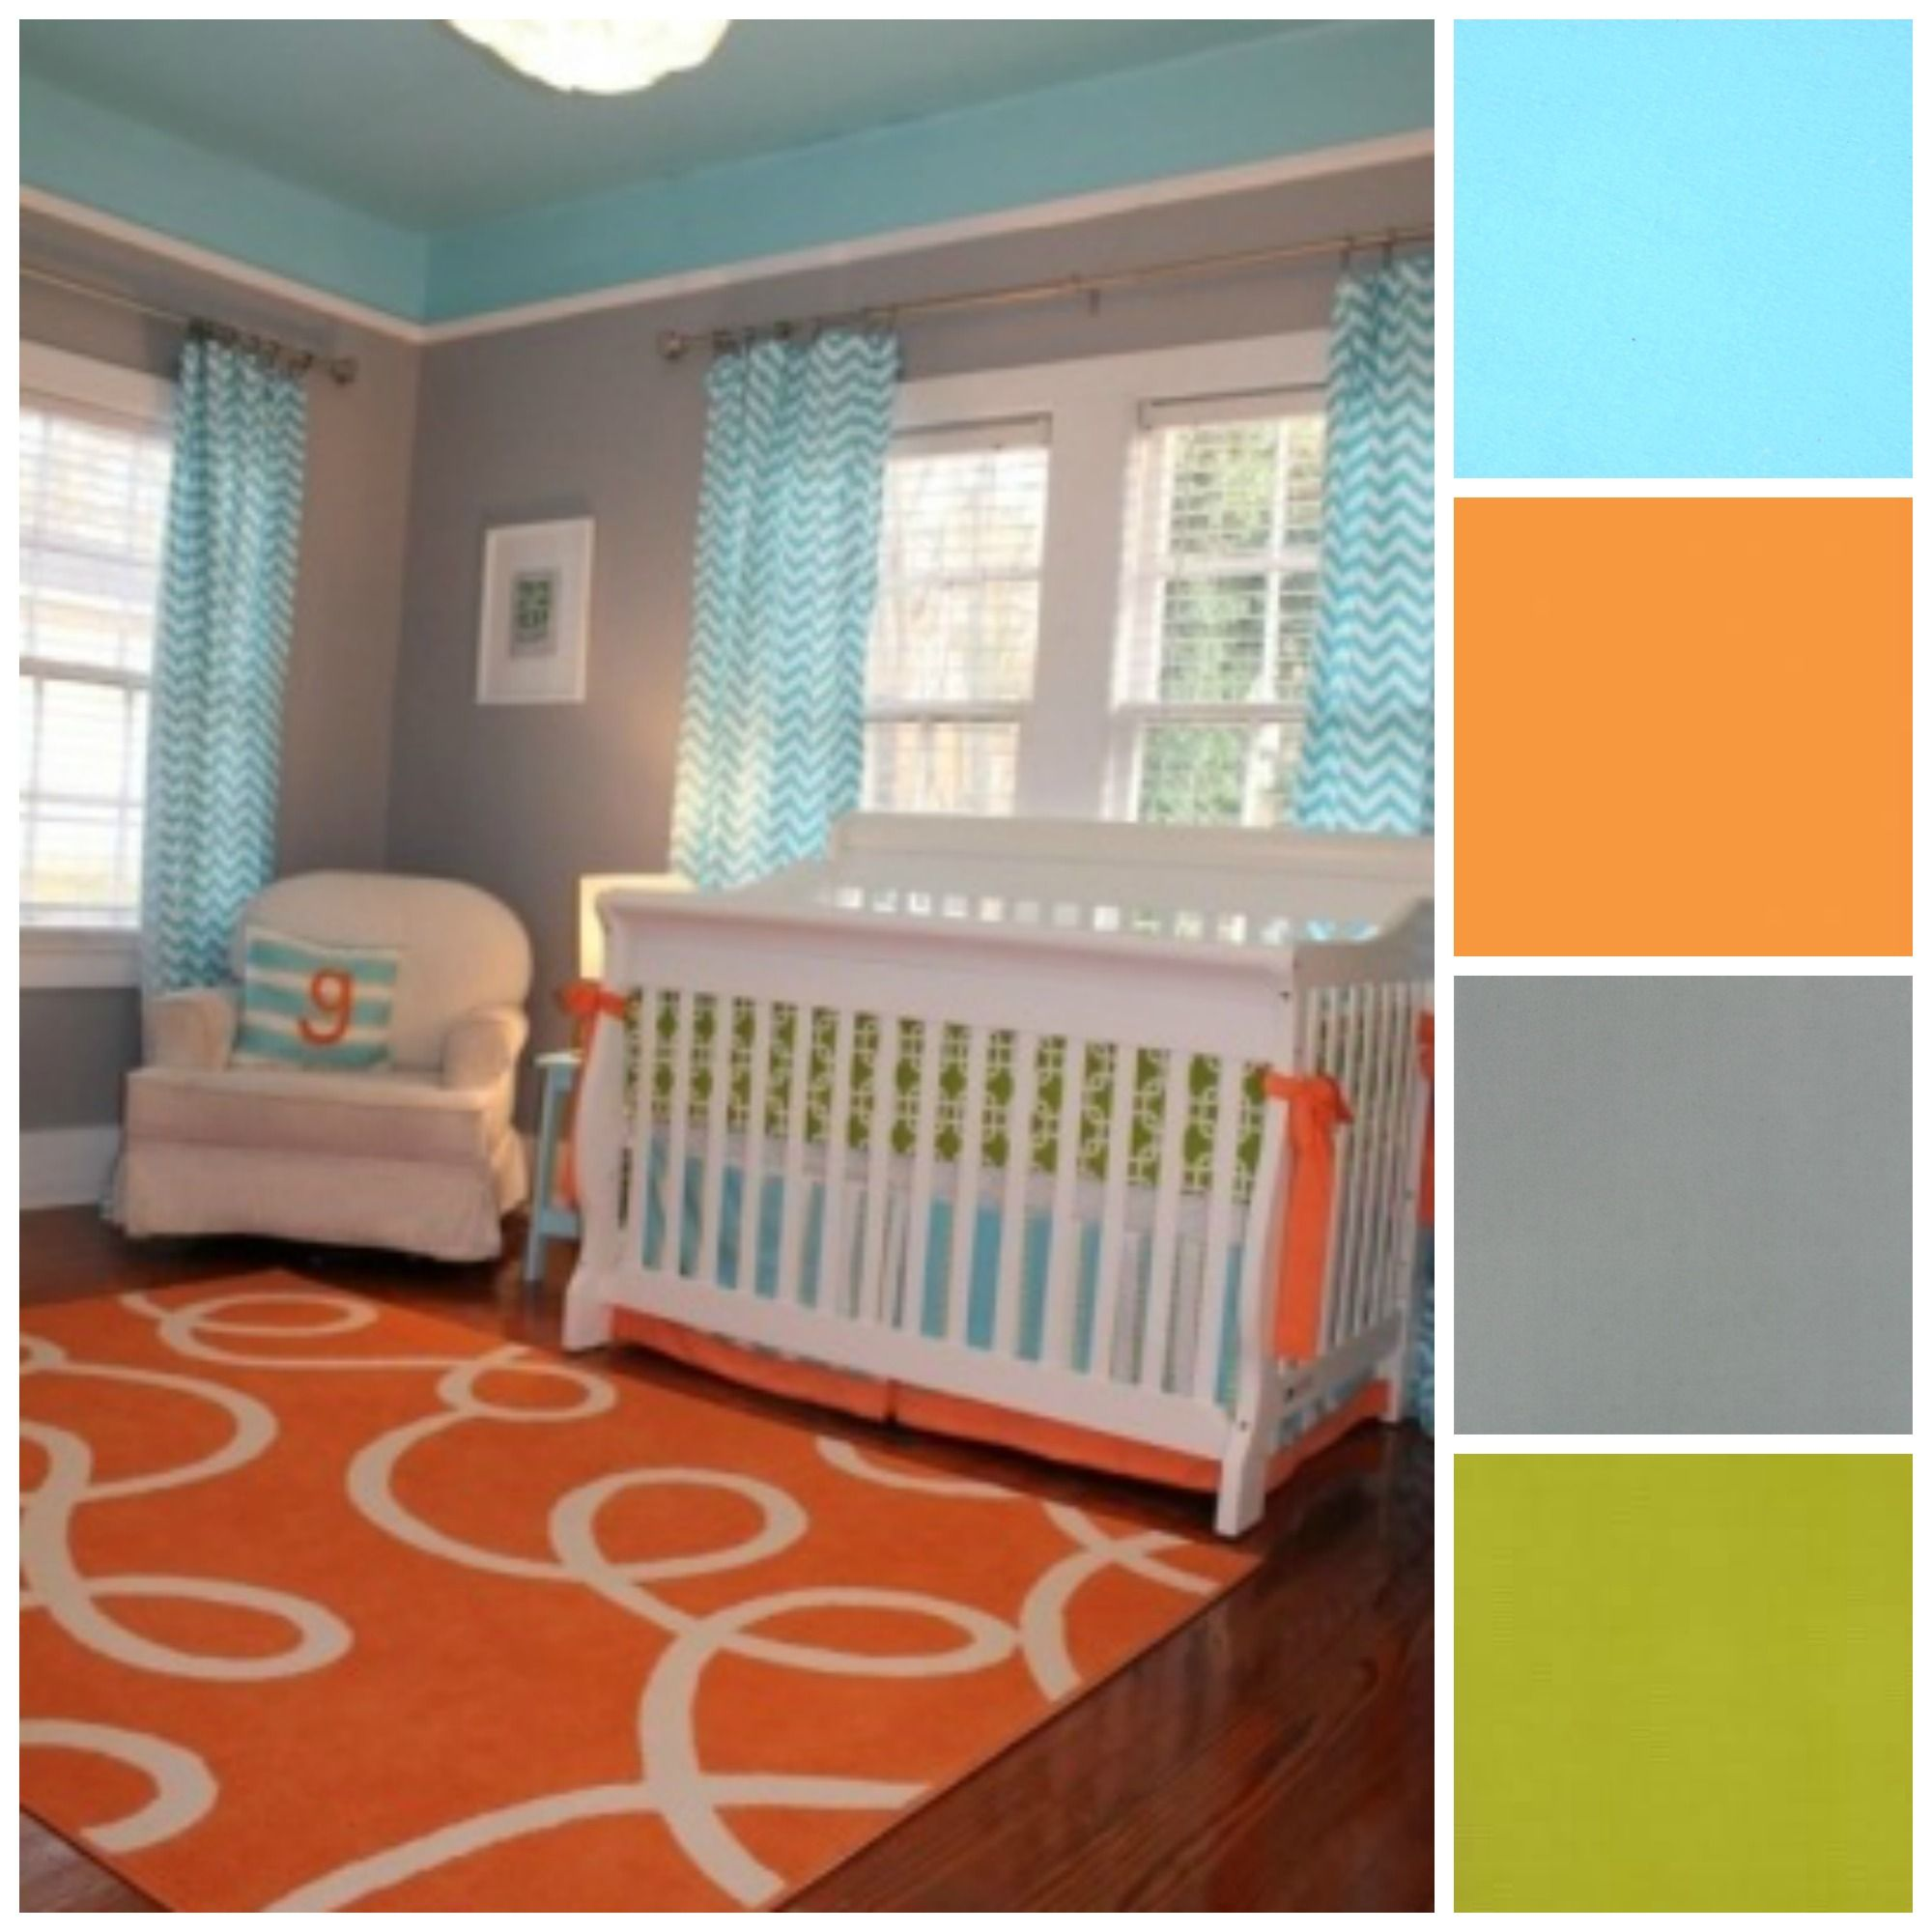 Baby Nursery Baby Nurseryidea Green Orange Blue Gray